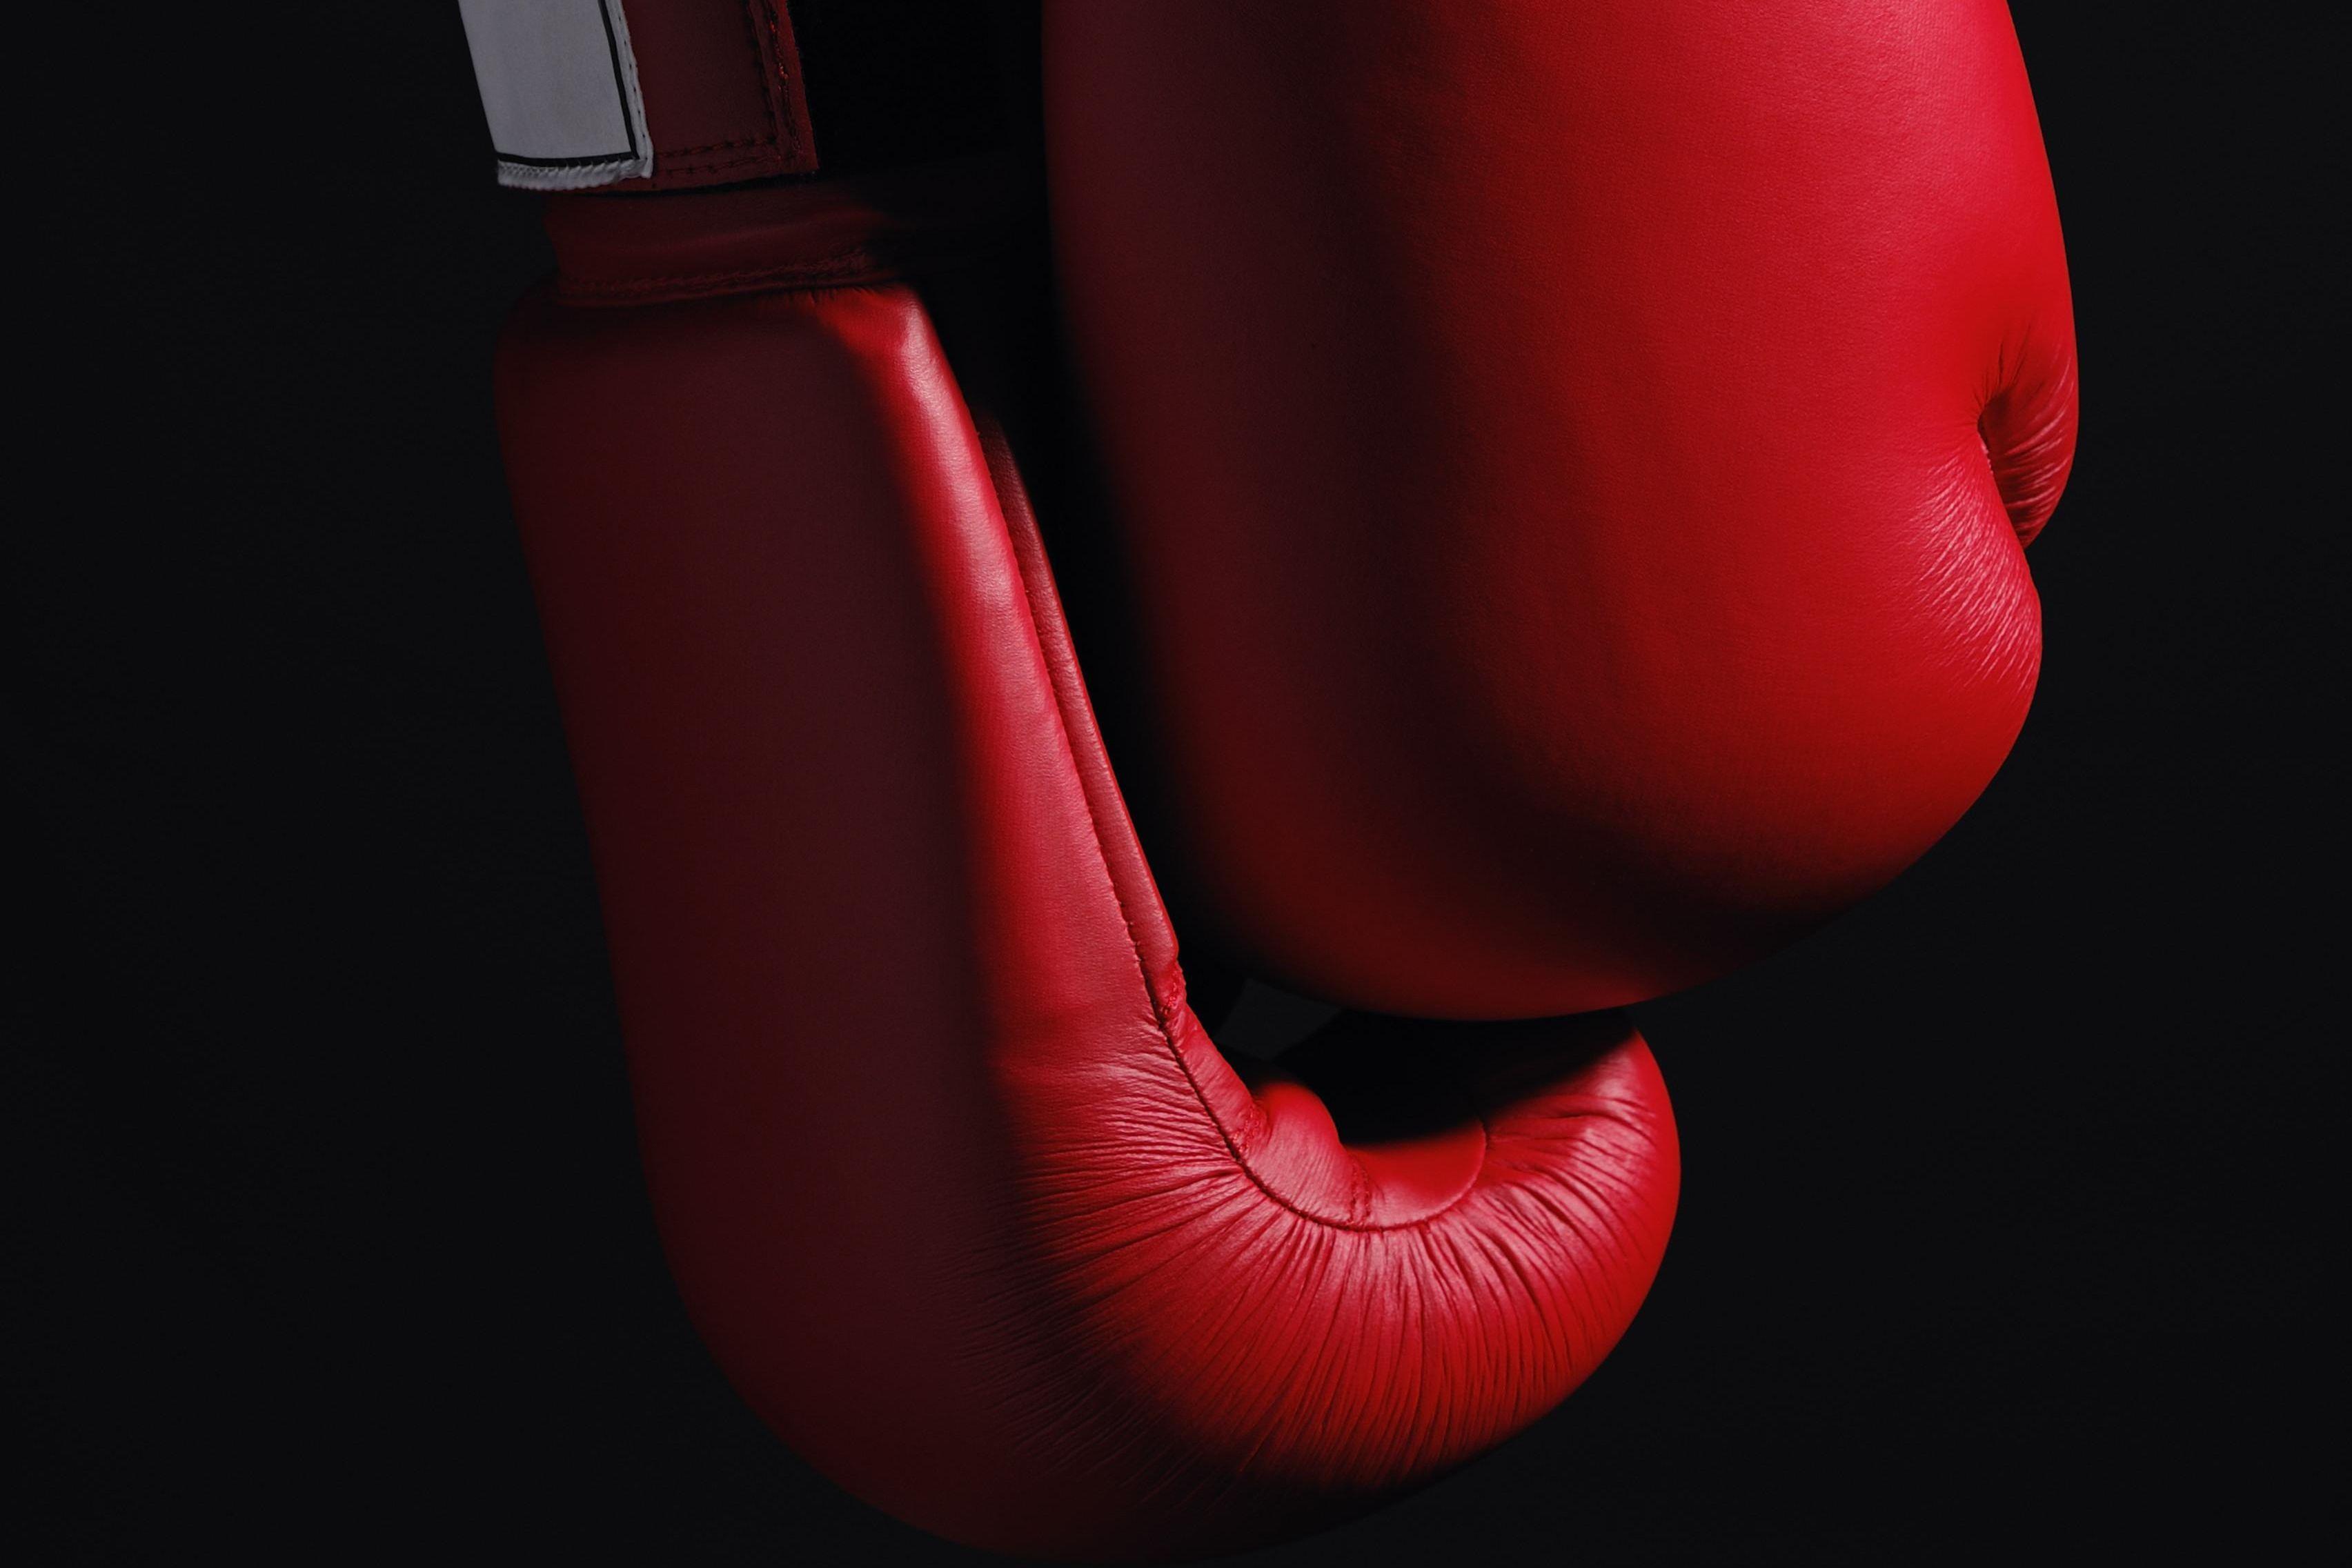 Тим Цзю нокаутировал Хогана и защитил титул чемпиона по версии WBO Global. ВИДЕО